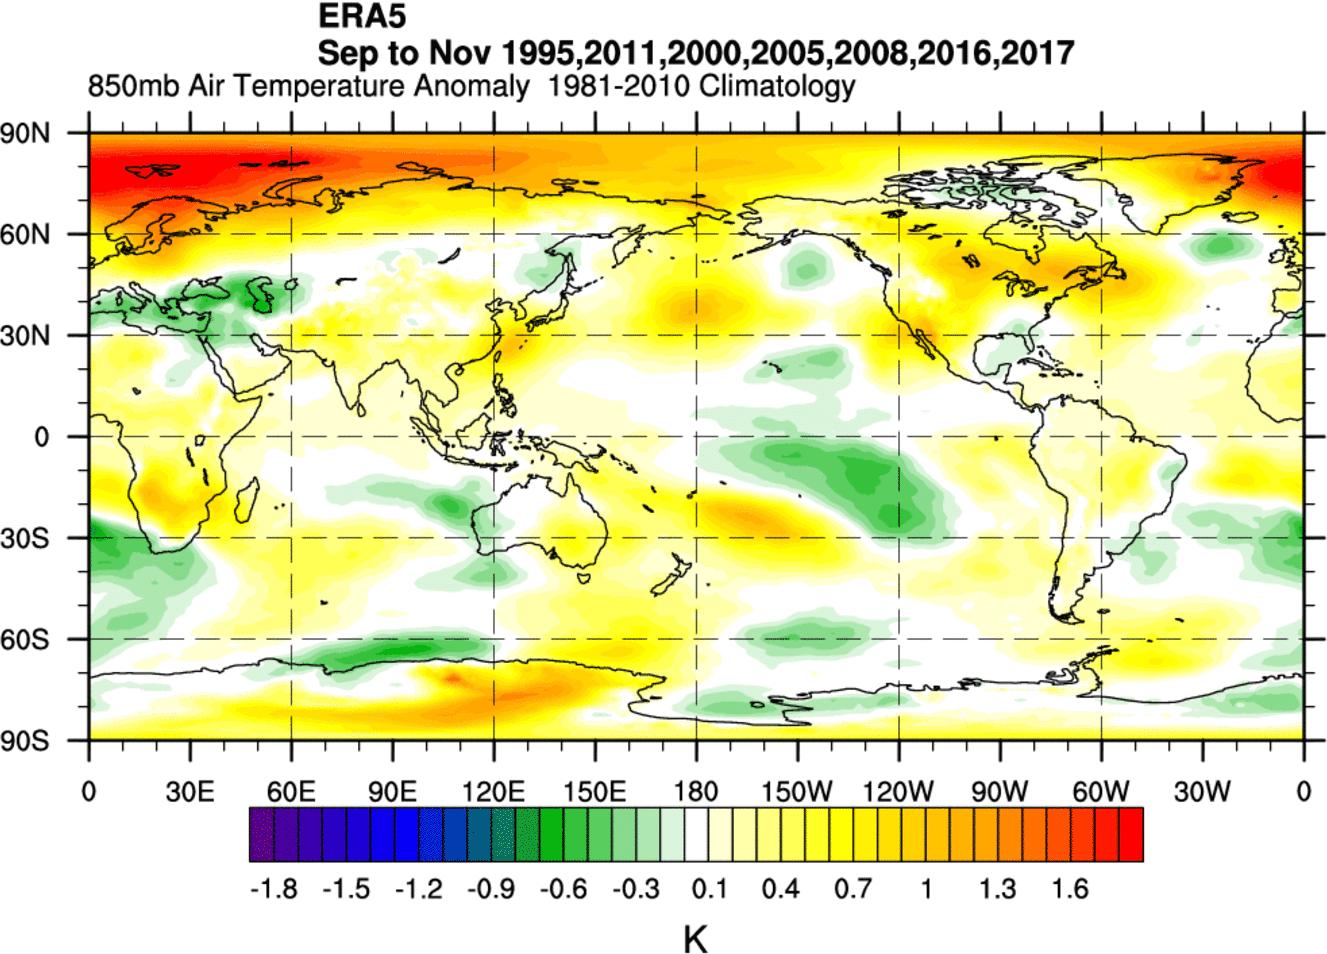 fall-forecast-la-nina-enso-historical-temperature-anomaly